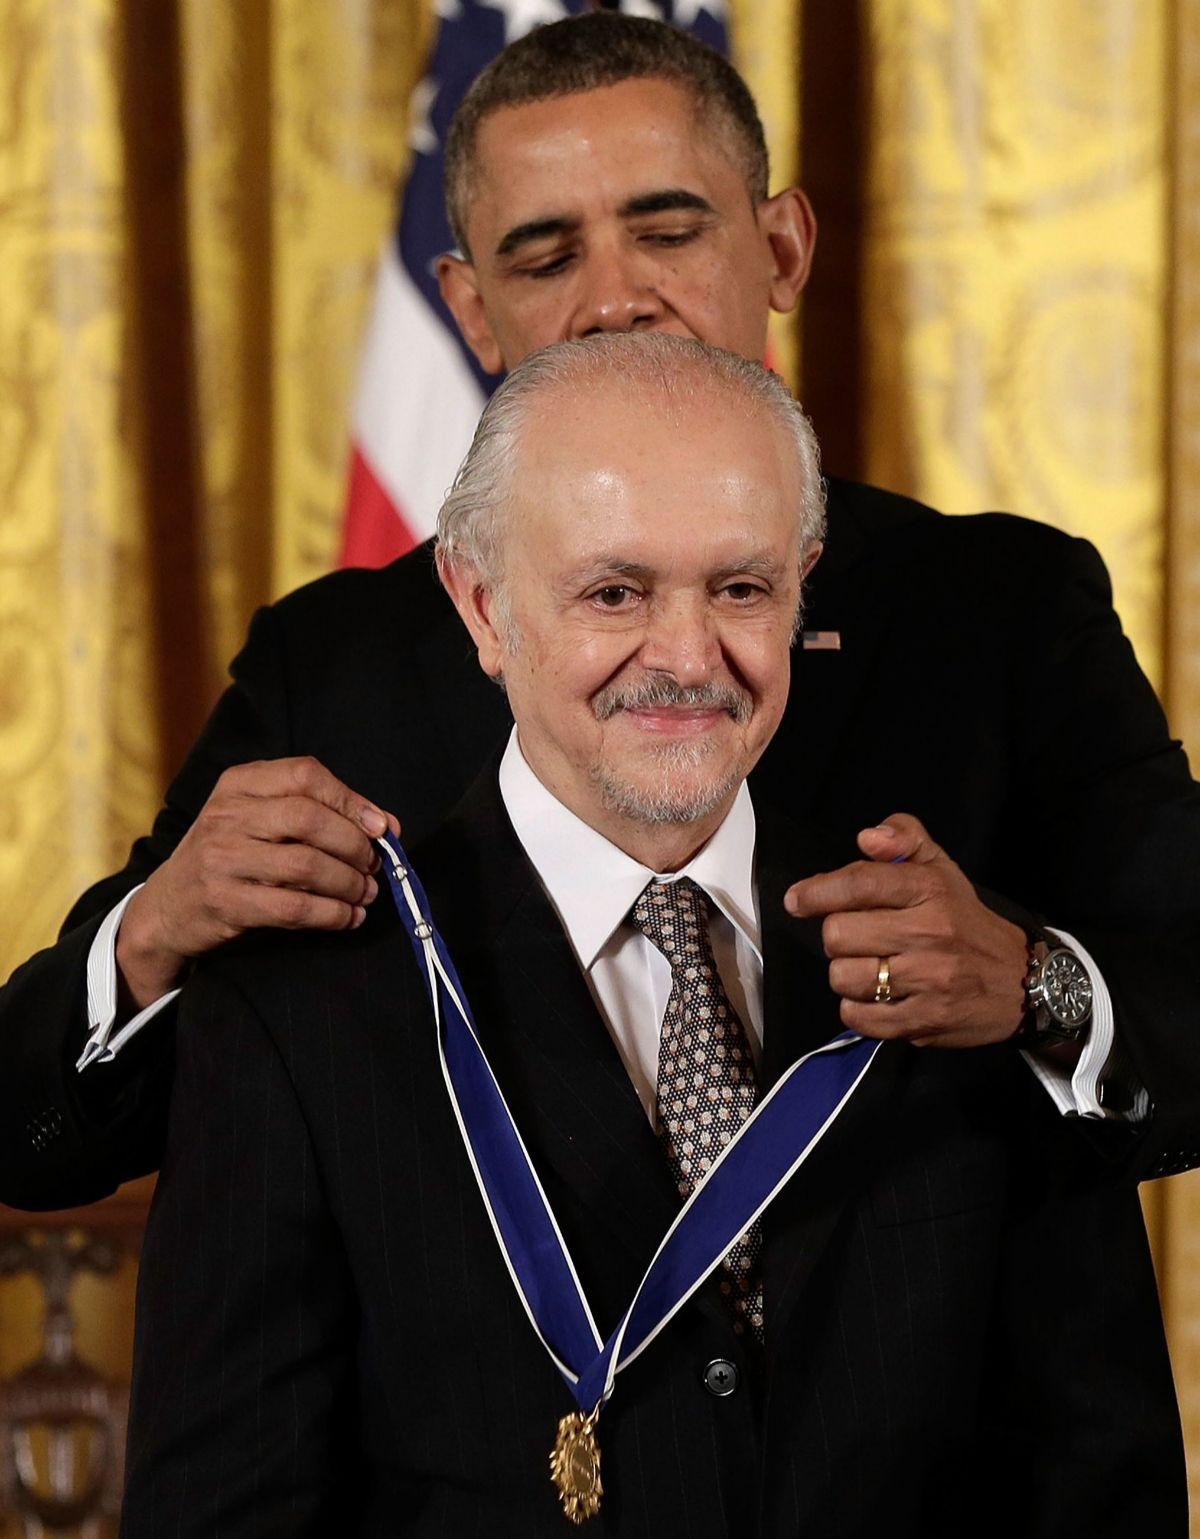 El entonces presidente de EEUU, Barack Obama, entrega la Medalla Presidencial de la Libertad a Mario Molina en 2013